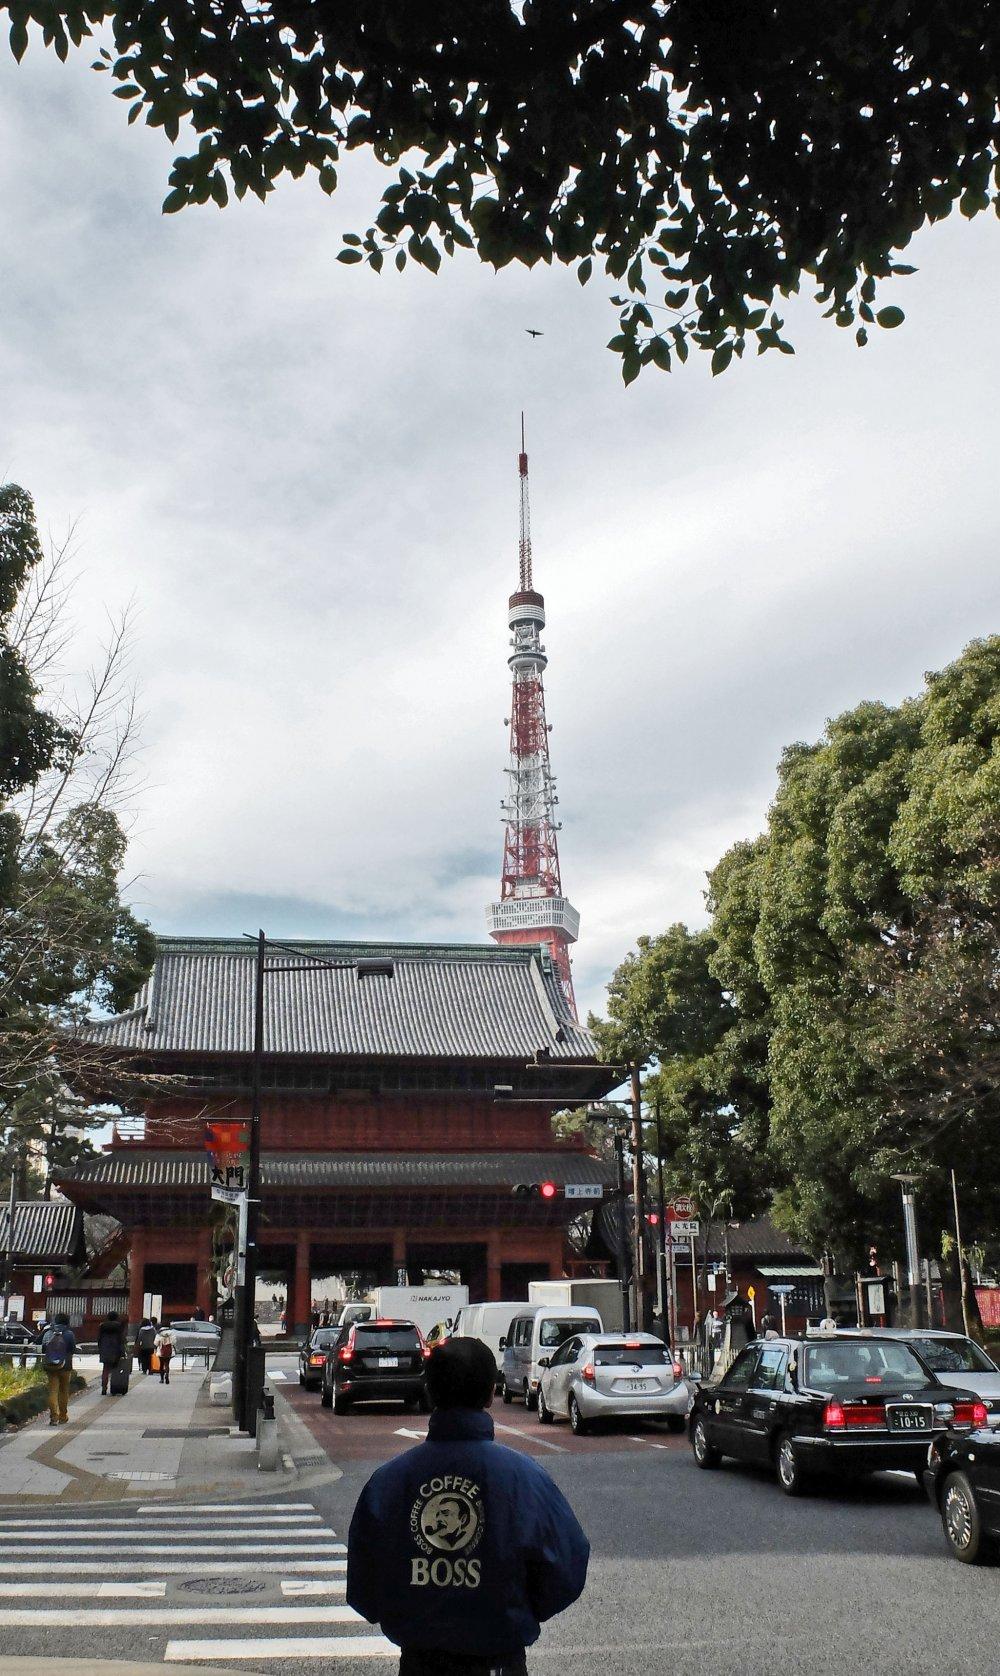 Токийскую телебашню можно увидеть издалека и она является важной частью города Токио.